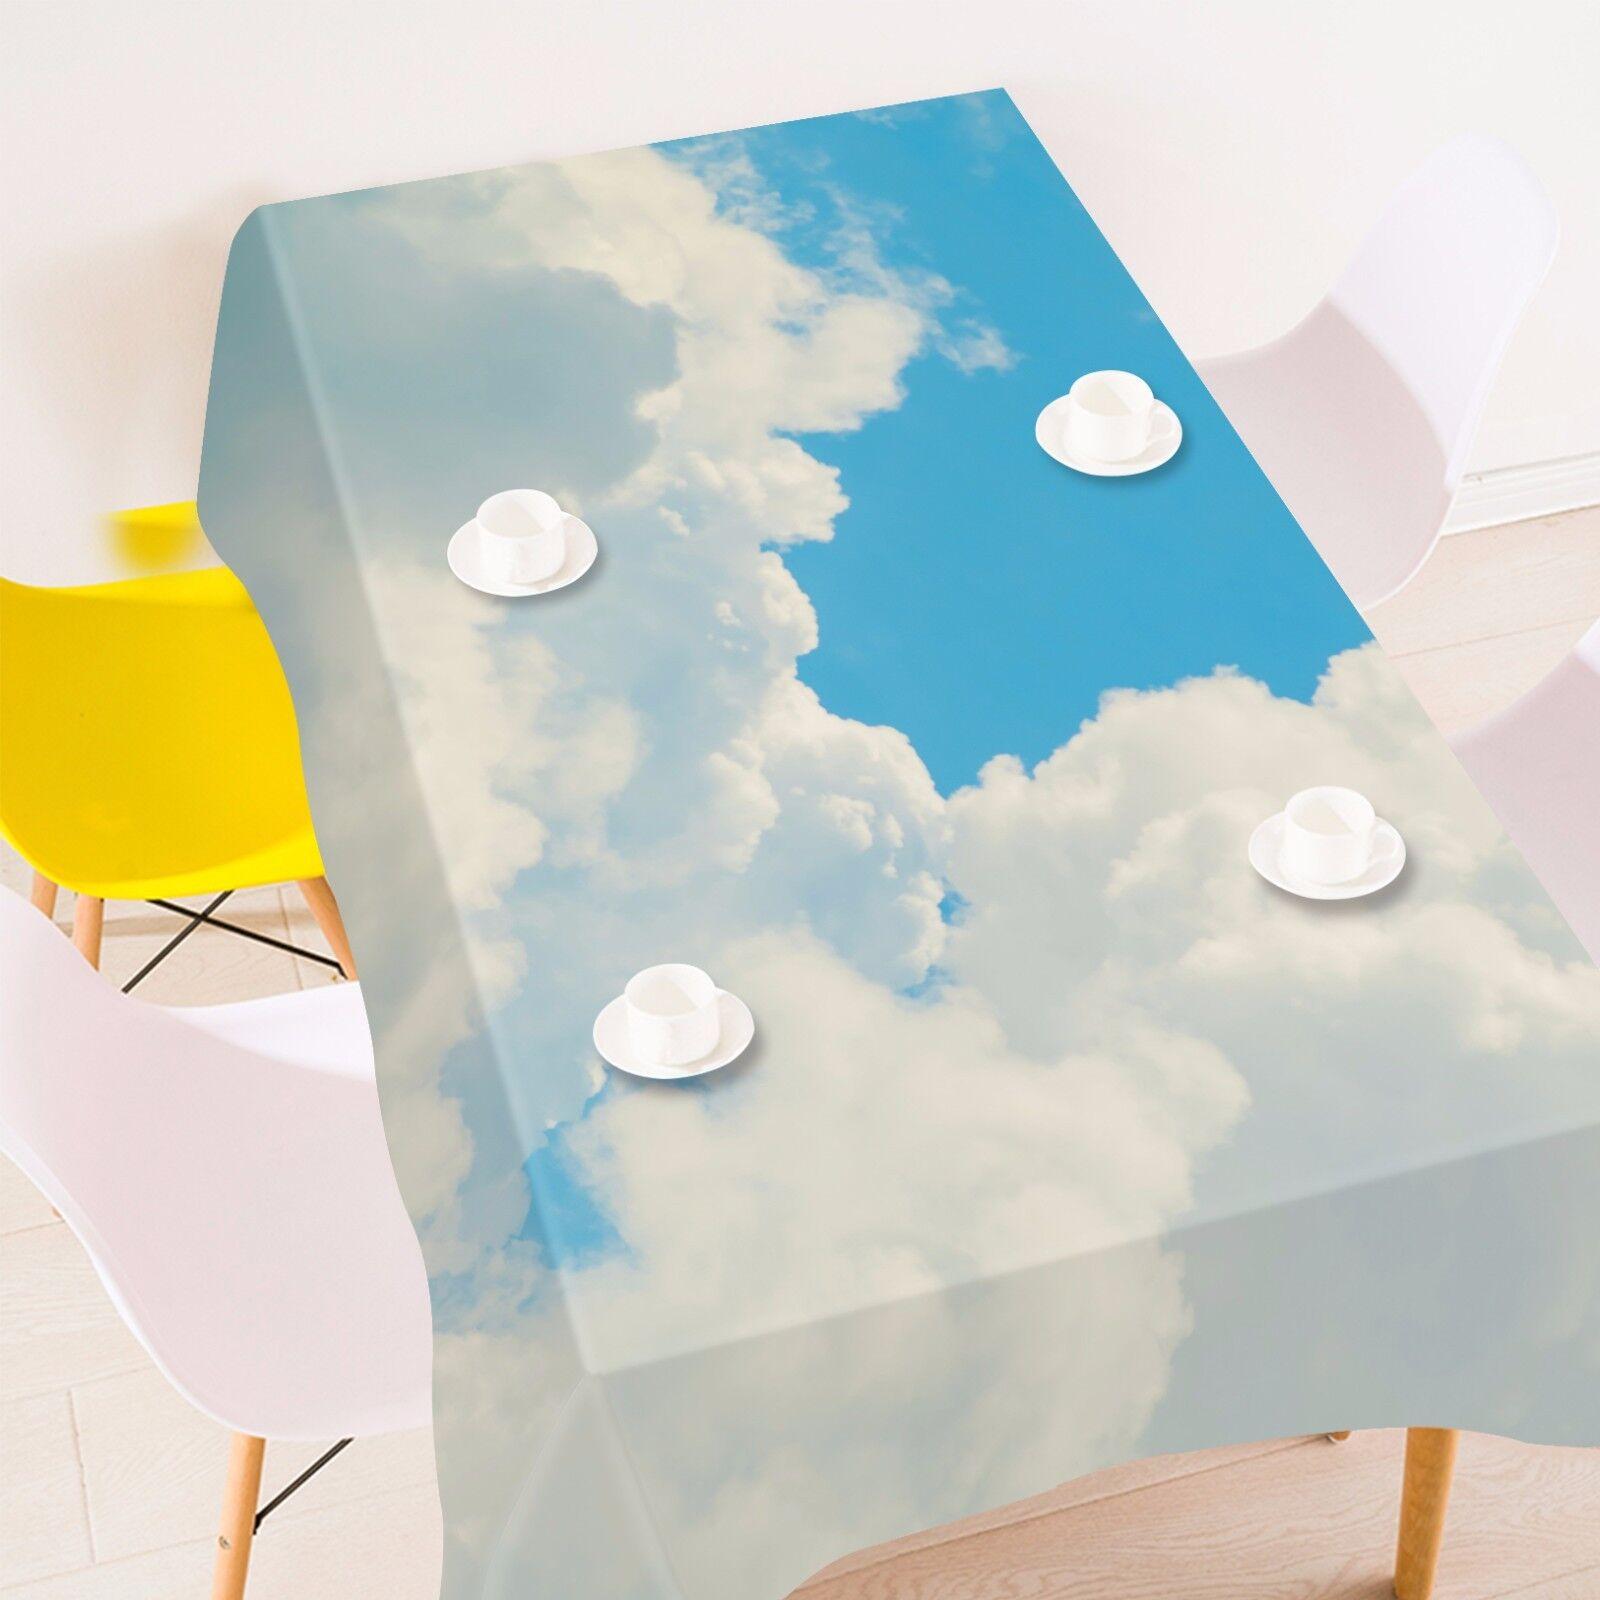 3D NUAGES 42 Nappe Table Cover Cloth fête d'anniversaire AJ papier peint Royaume-Uni Citron